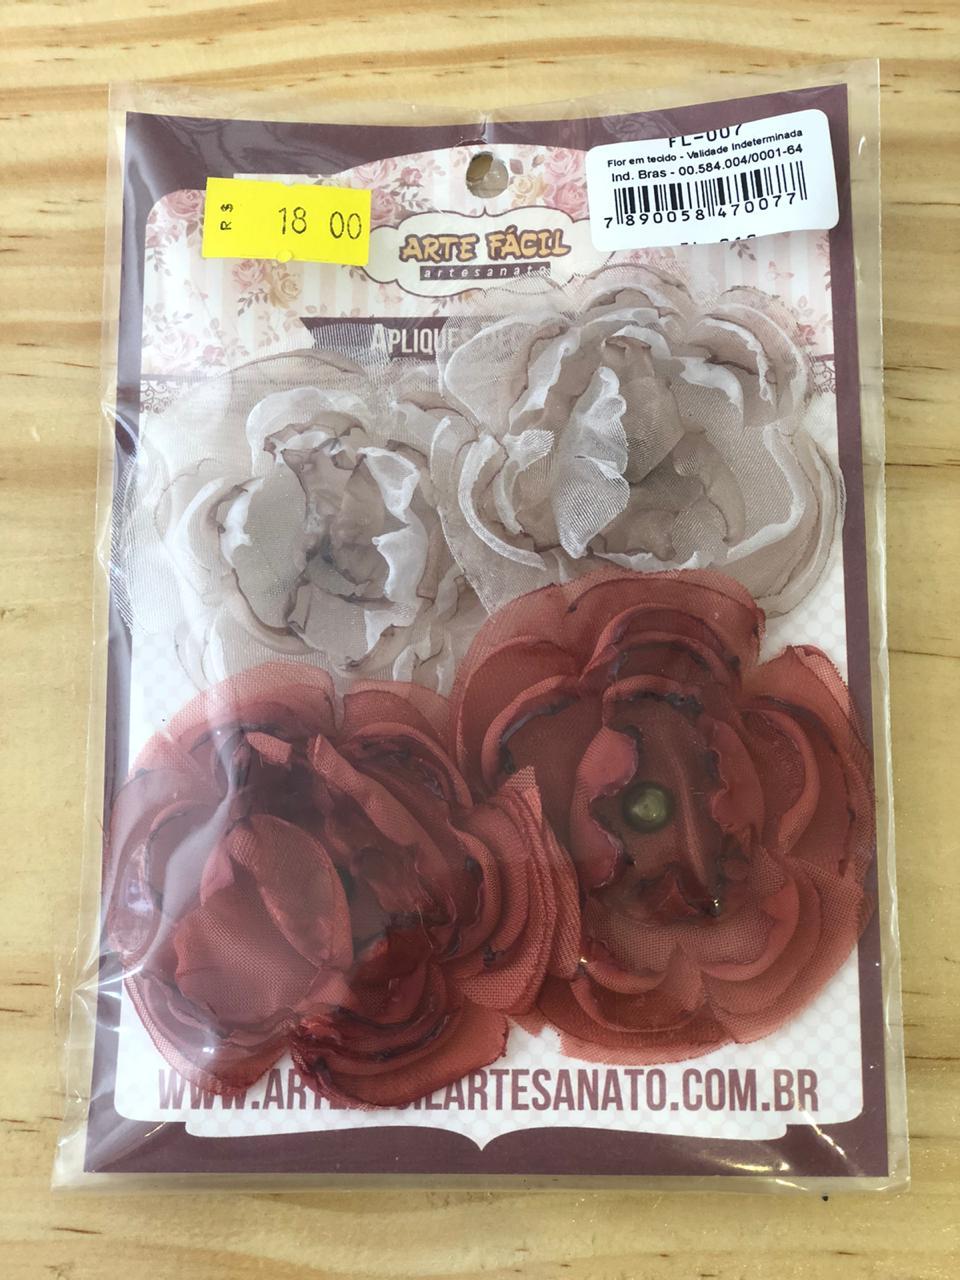 Flor em Tecido - Arte Fácil (FL-007)